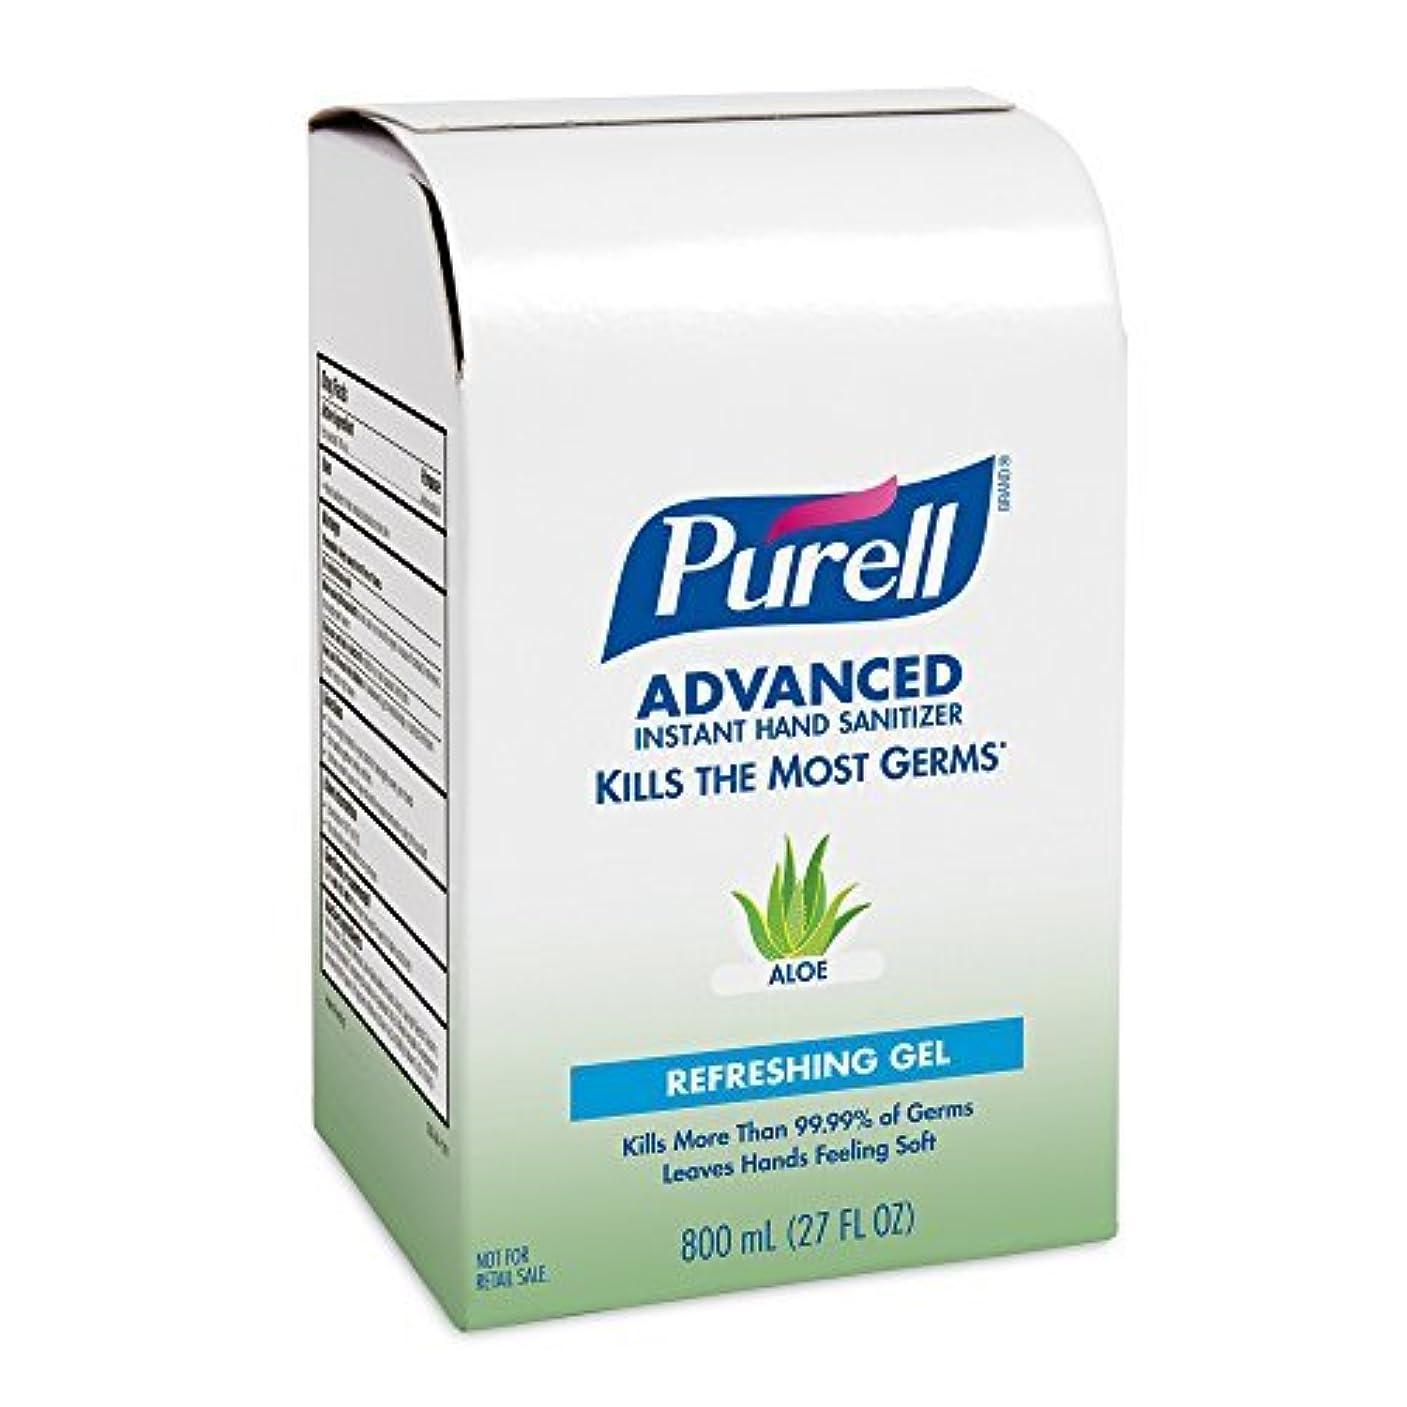 ストラトフォードオンエイボンアイドル新年PURELL 9637-12 Advanced Instant Hand Sanitizer with Aloe 800 mL Refill (Pack of 12) [並行輸入品]